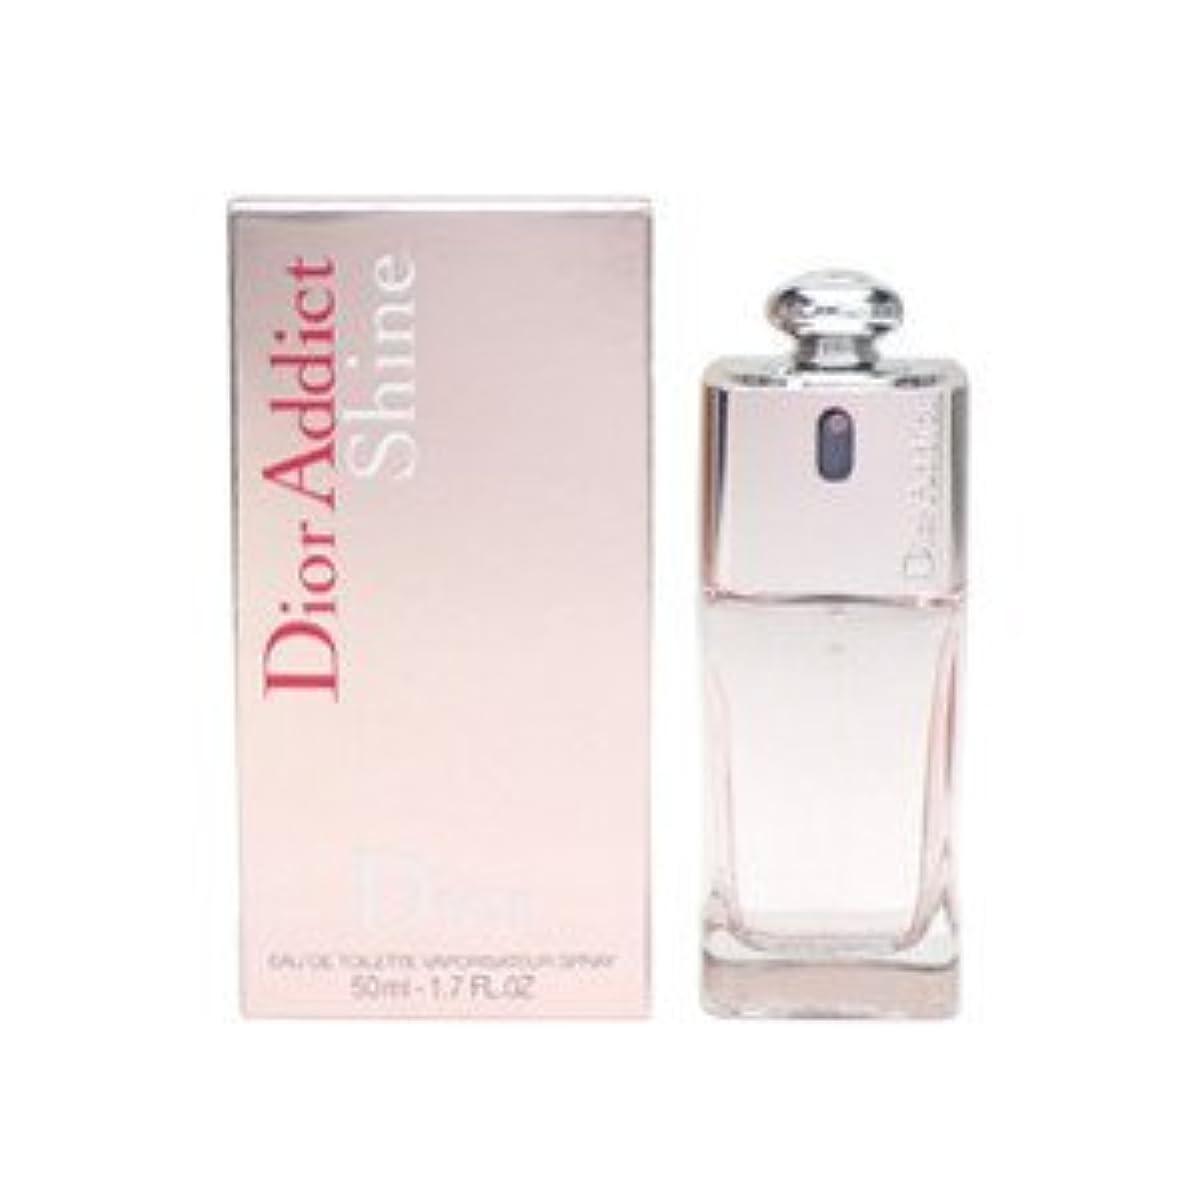 計画的ブリーフケースバタークリスチャン ディオール(Christian Dior) アディクトシャイン 50ml[並行輸入品]